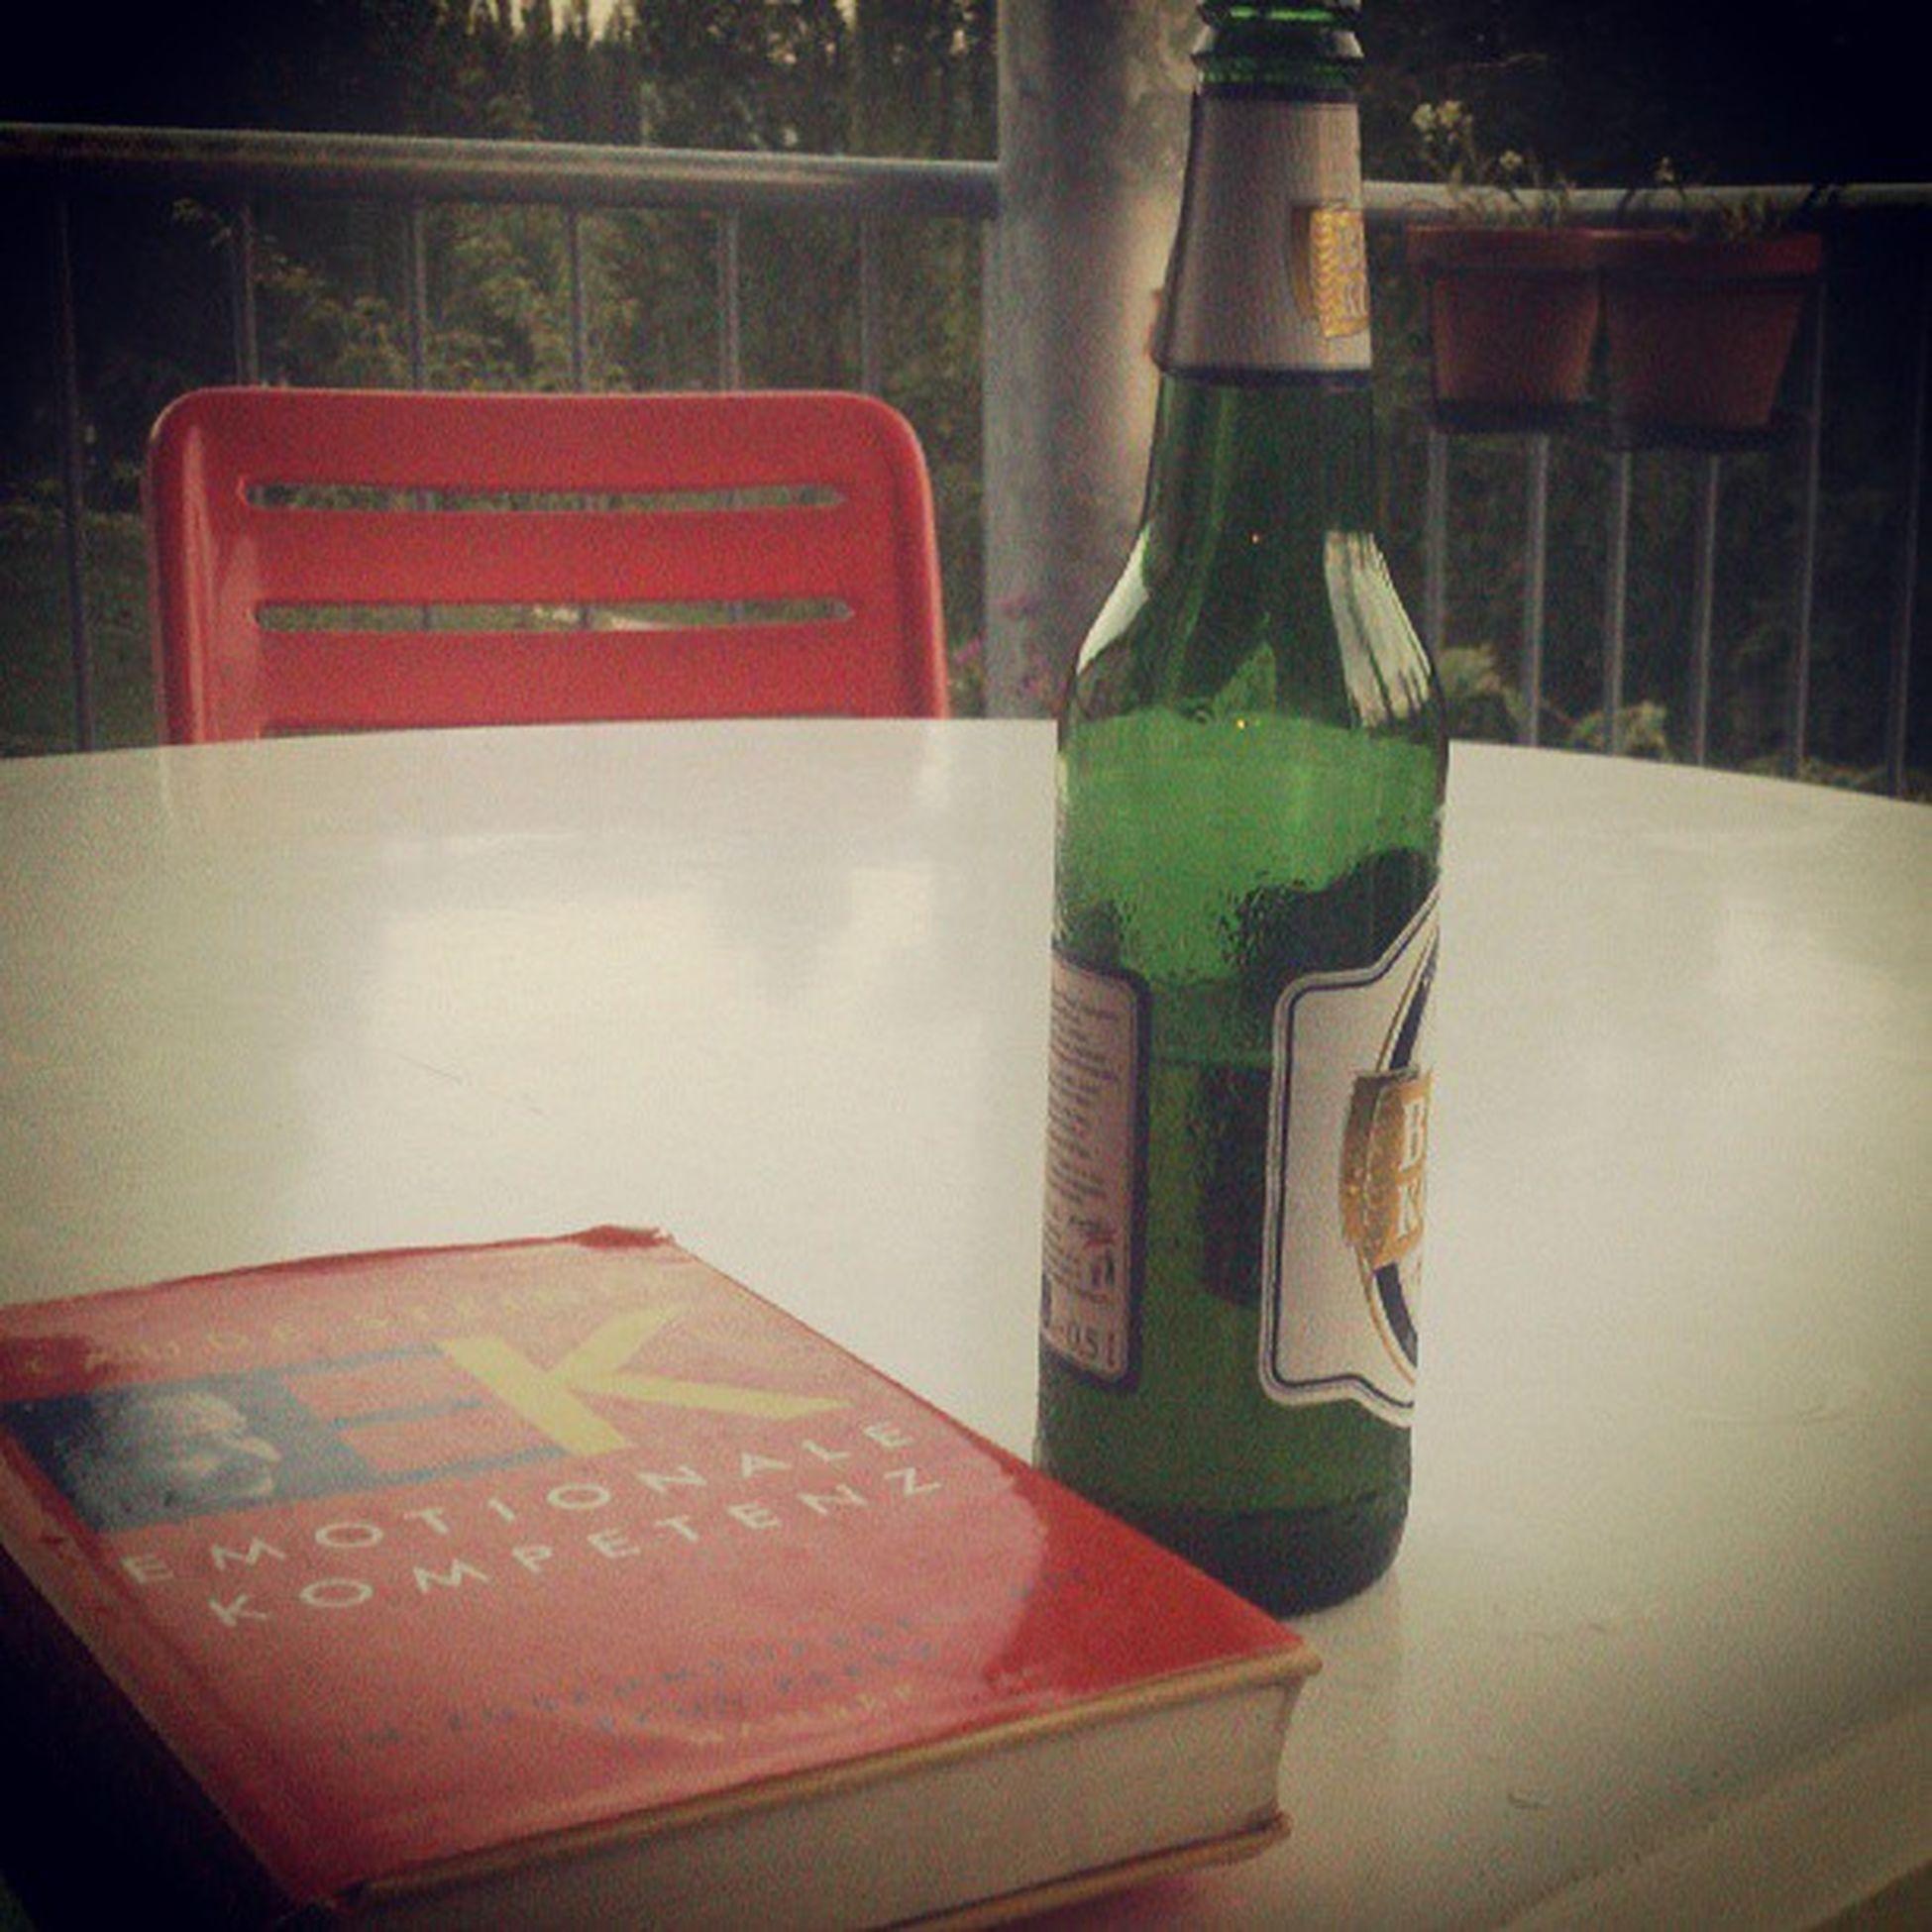 Buch und Bier